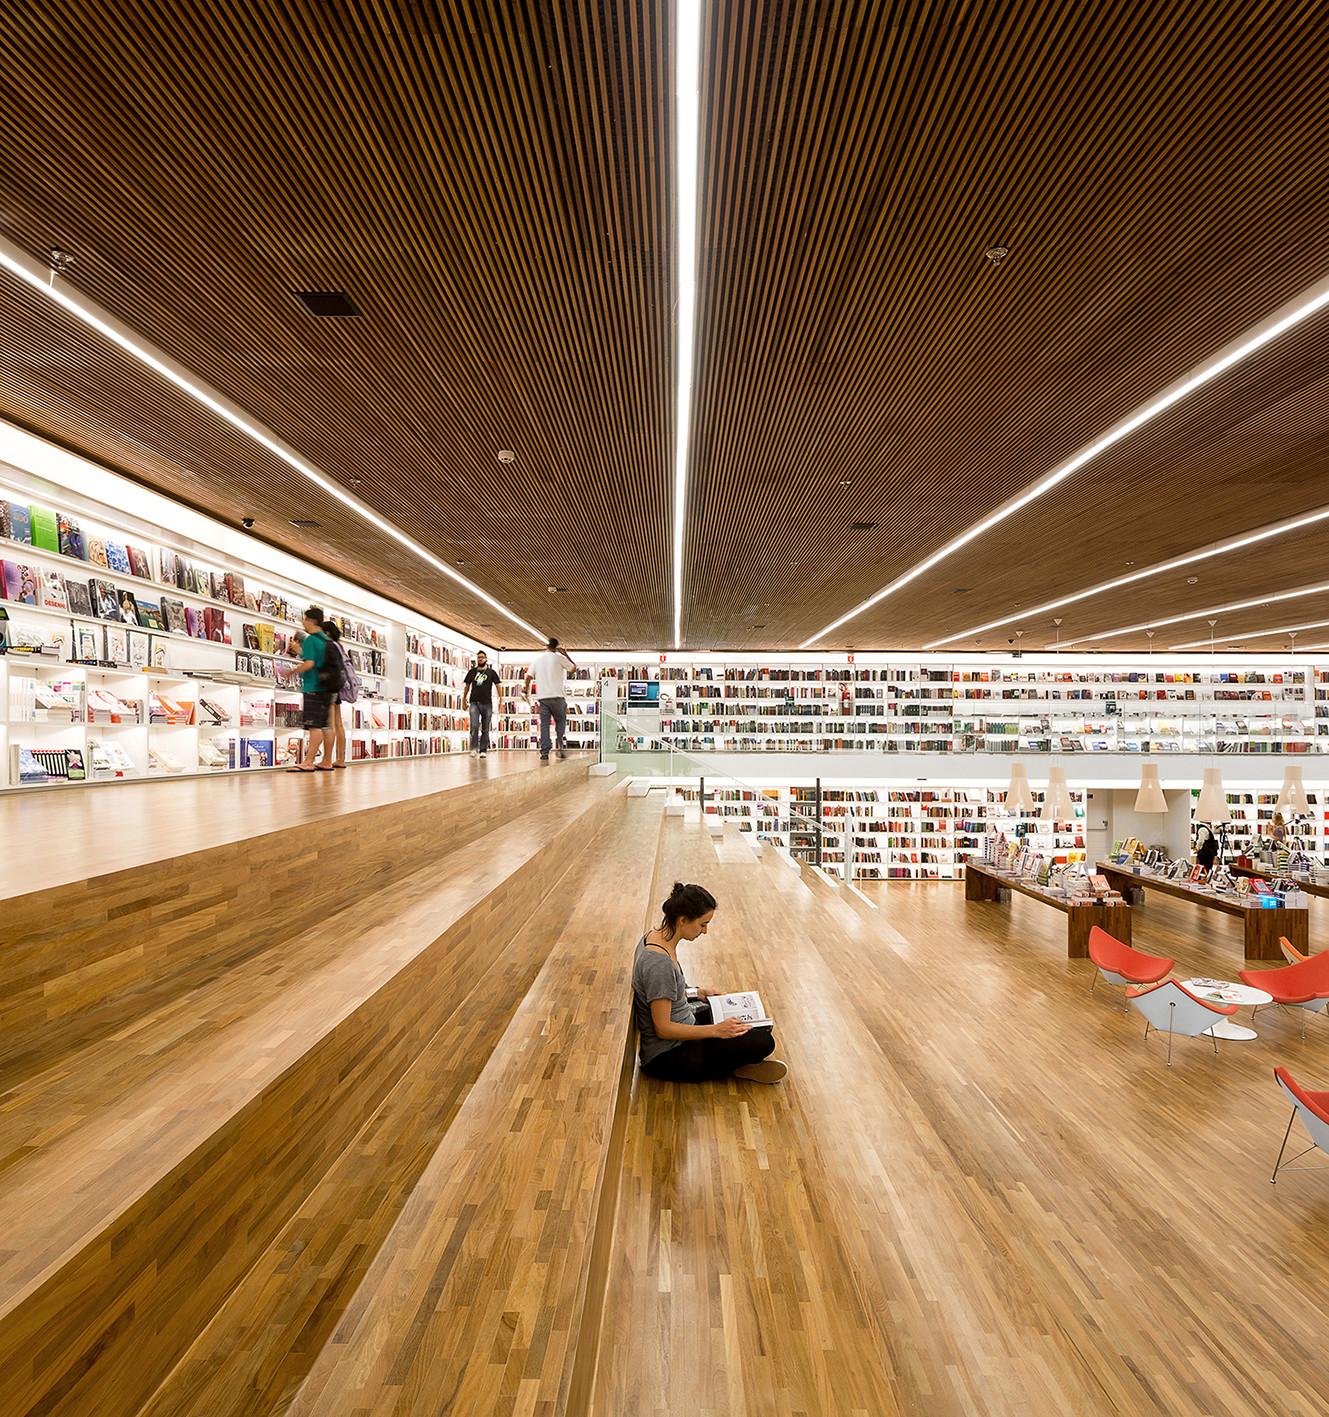 """Divulgados os vencedores do prêmio """"O Melhor da Arquitetura 2014"""", Livraria Cultura / Studio MK27. Image © Fernando Guerra I FG+SG"""